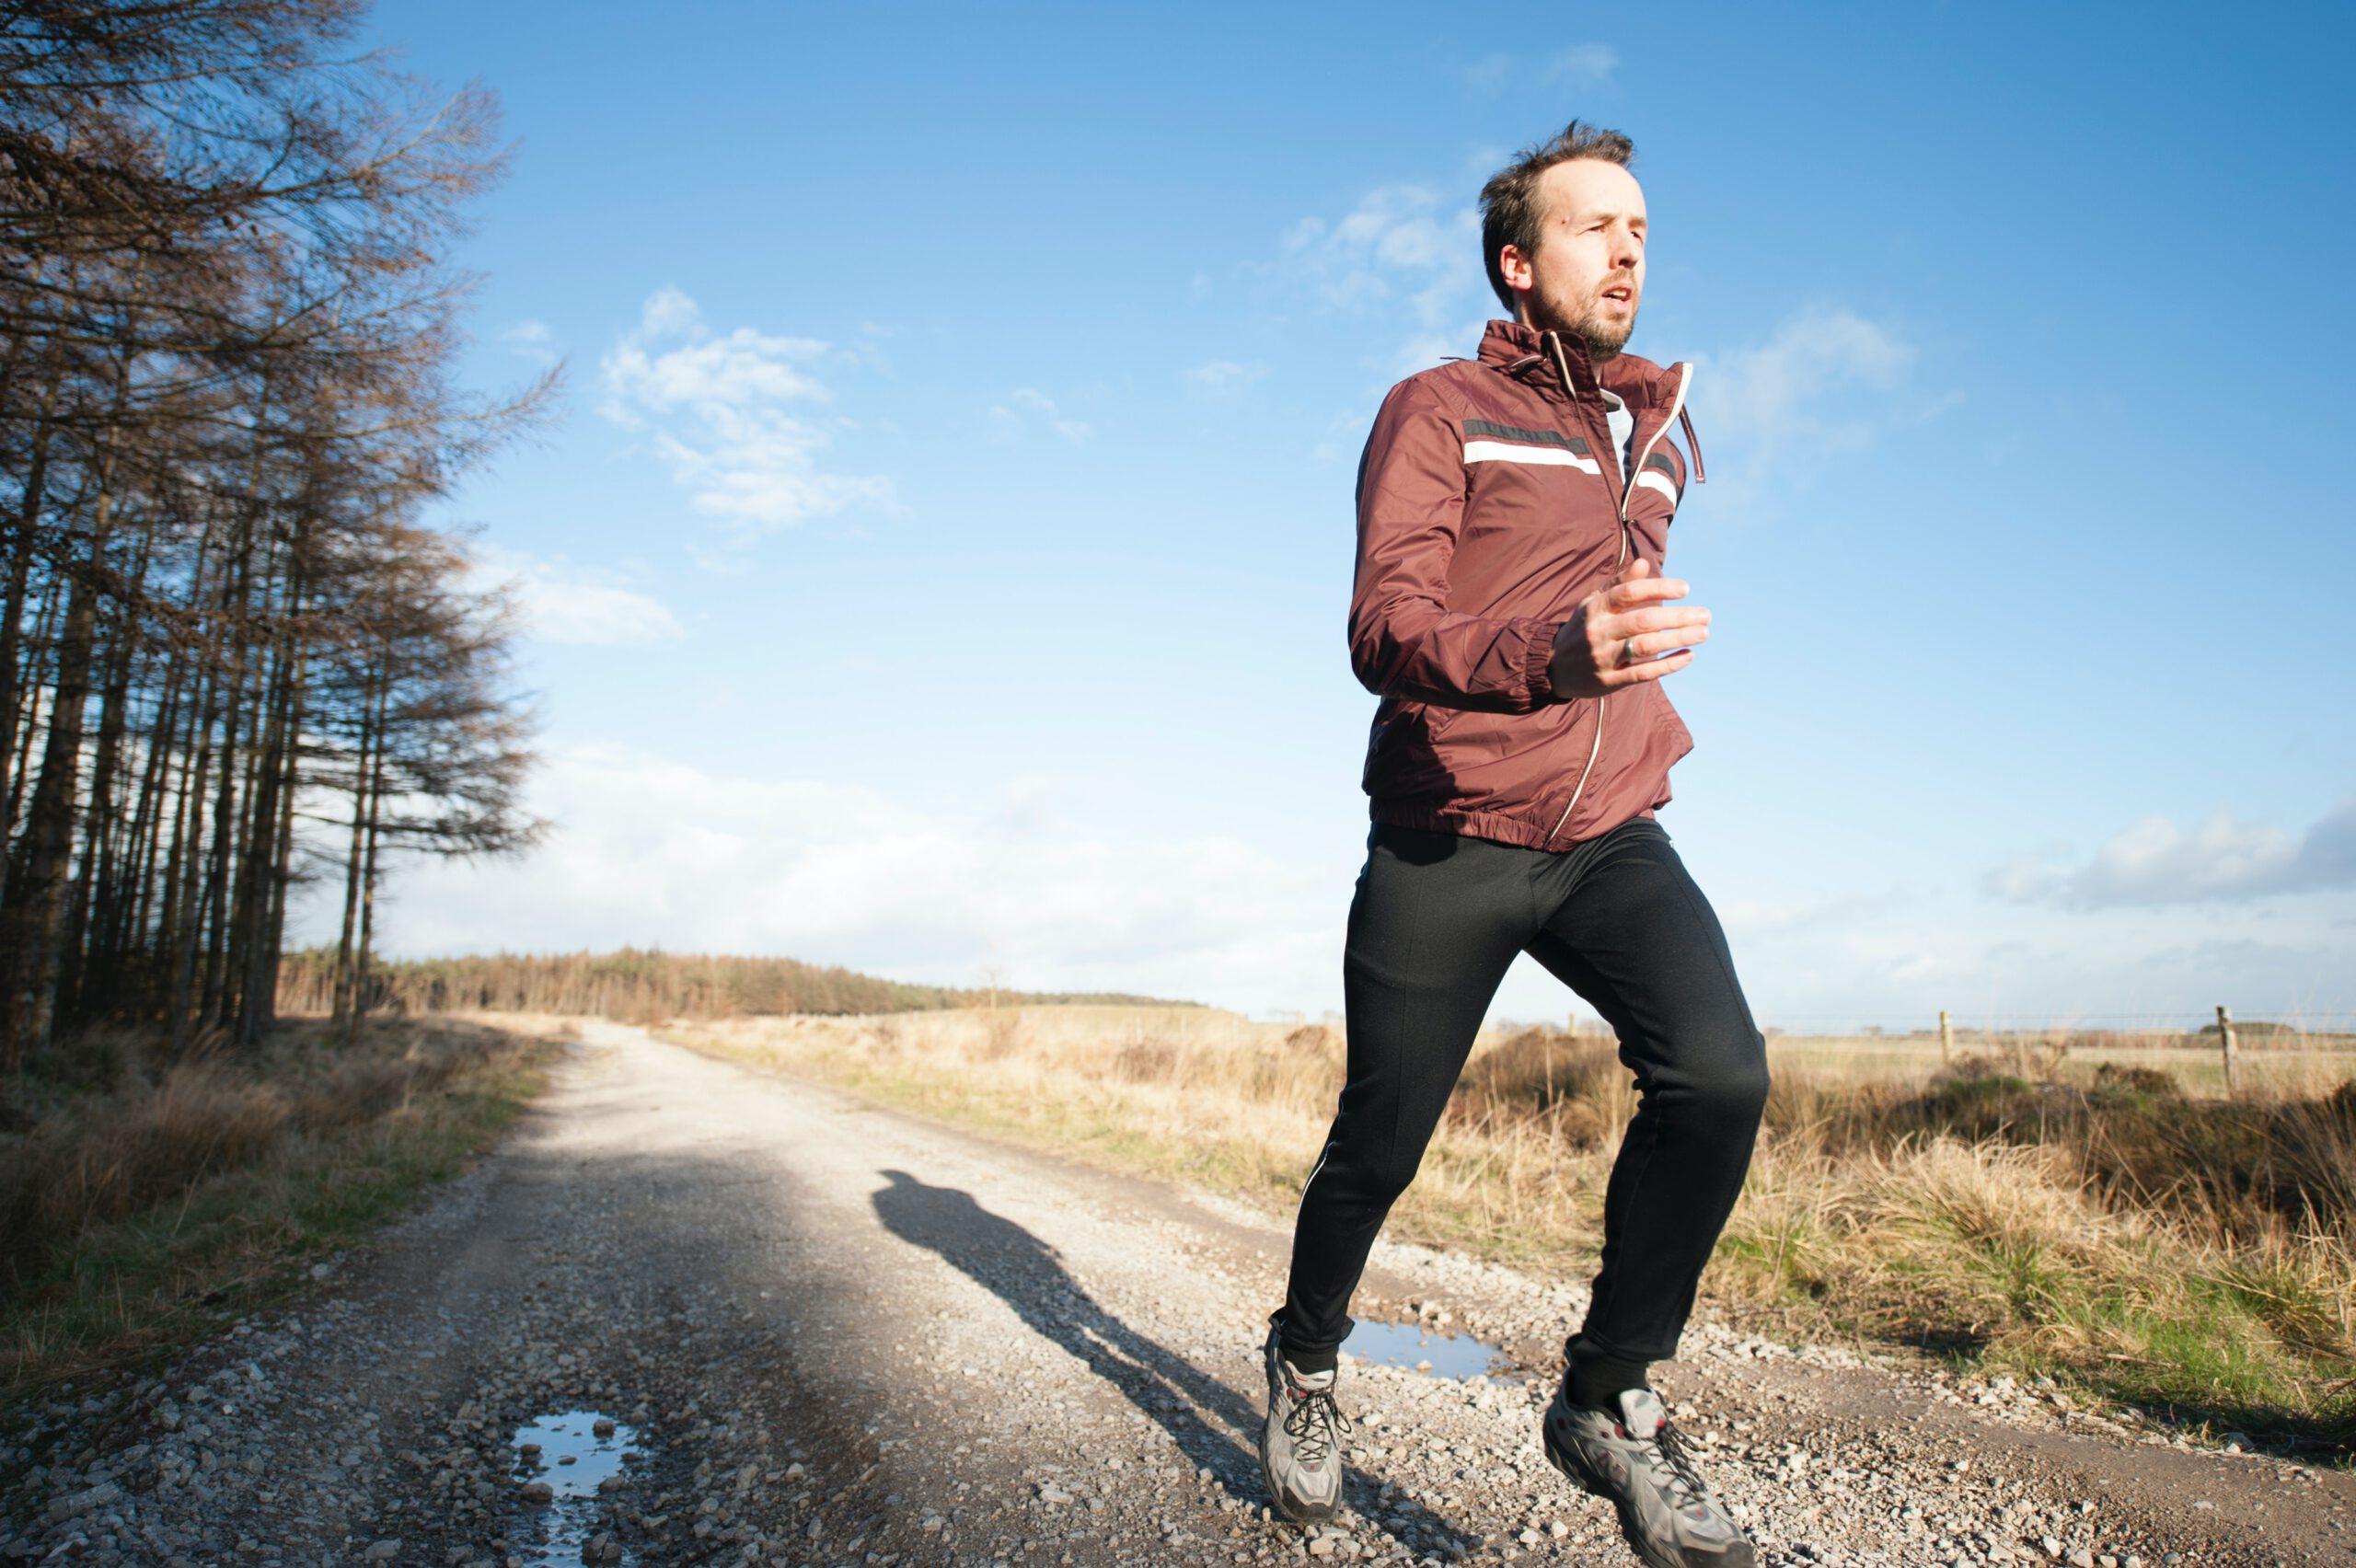 Mann beim Joggen im Freien